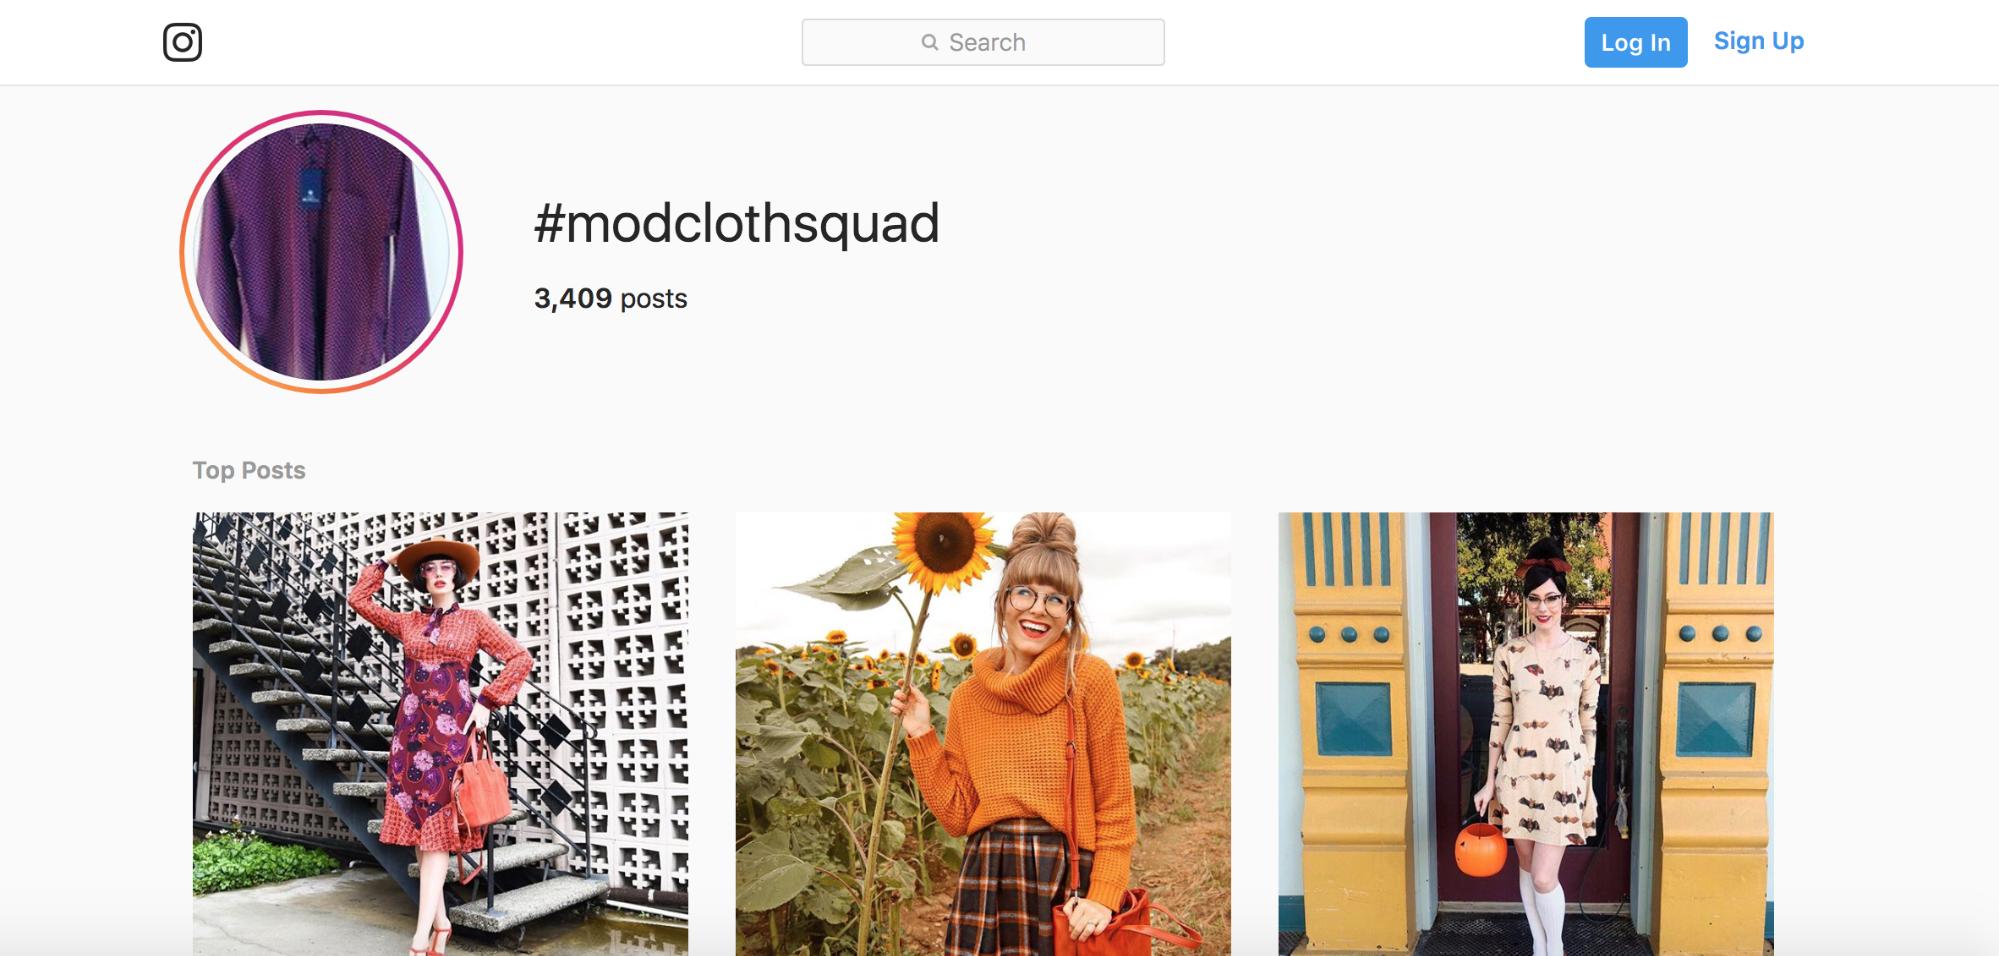 landing-page-essentials-modclothsquad